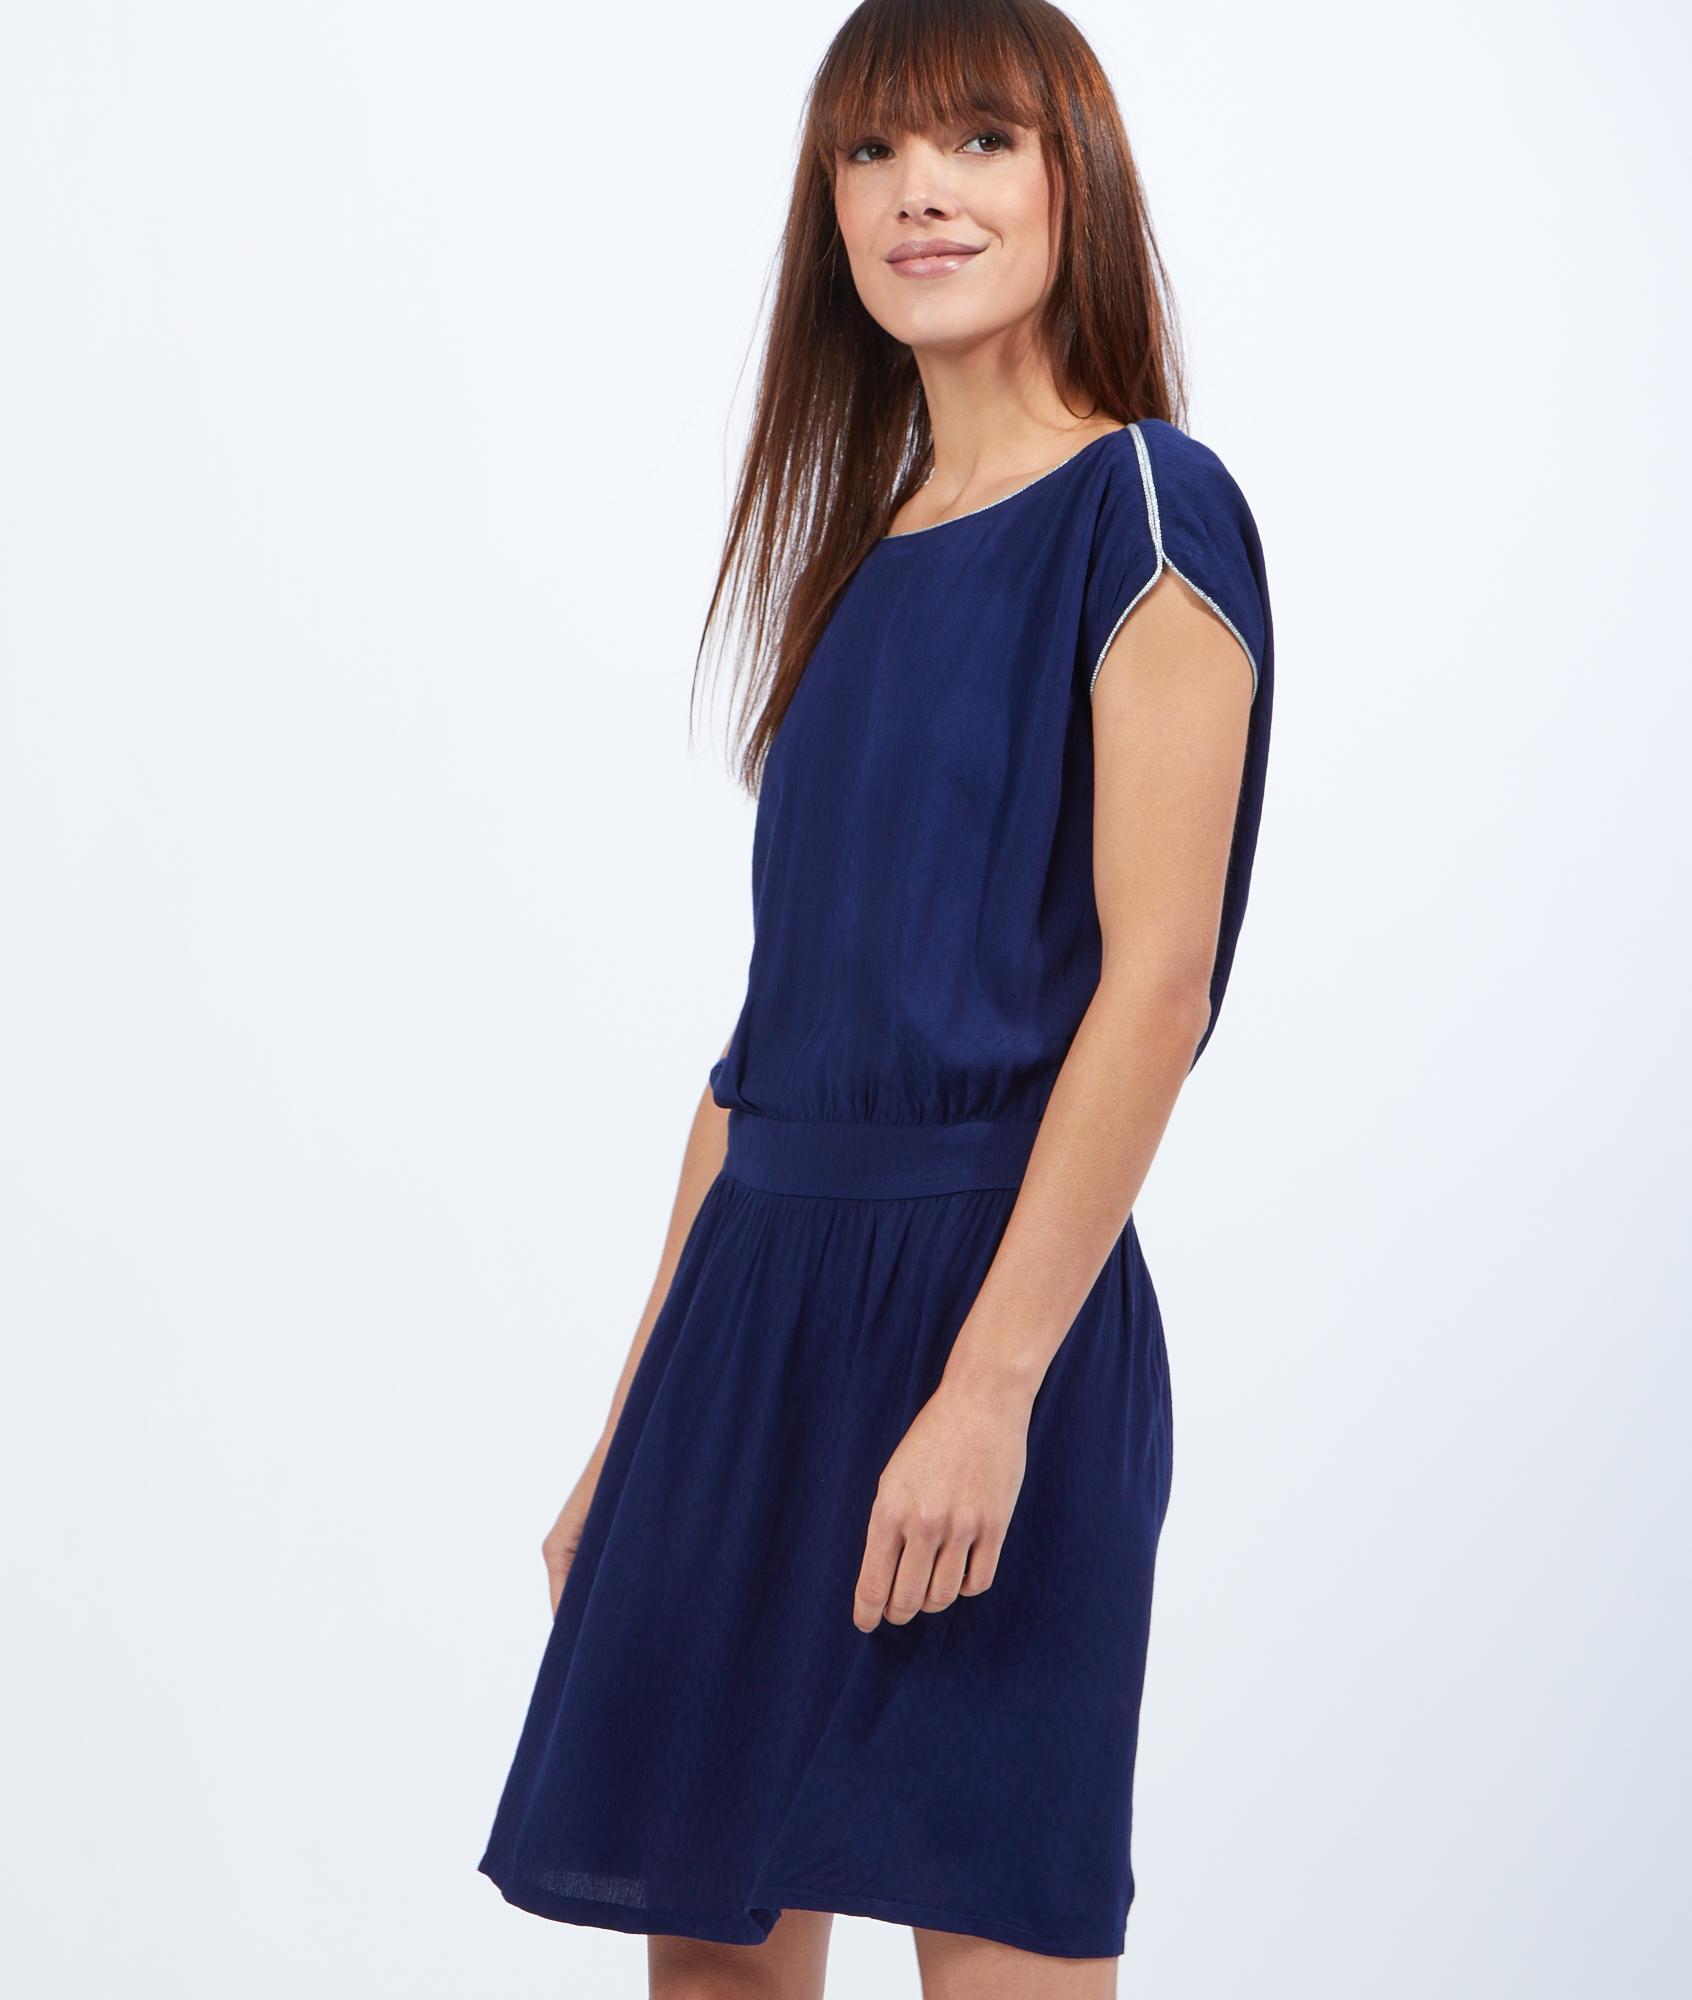 Robe etam bleu